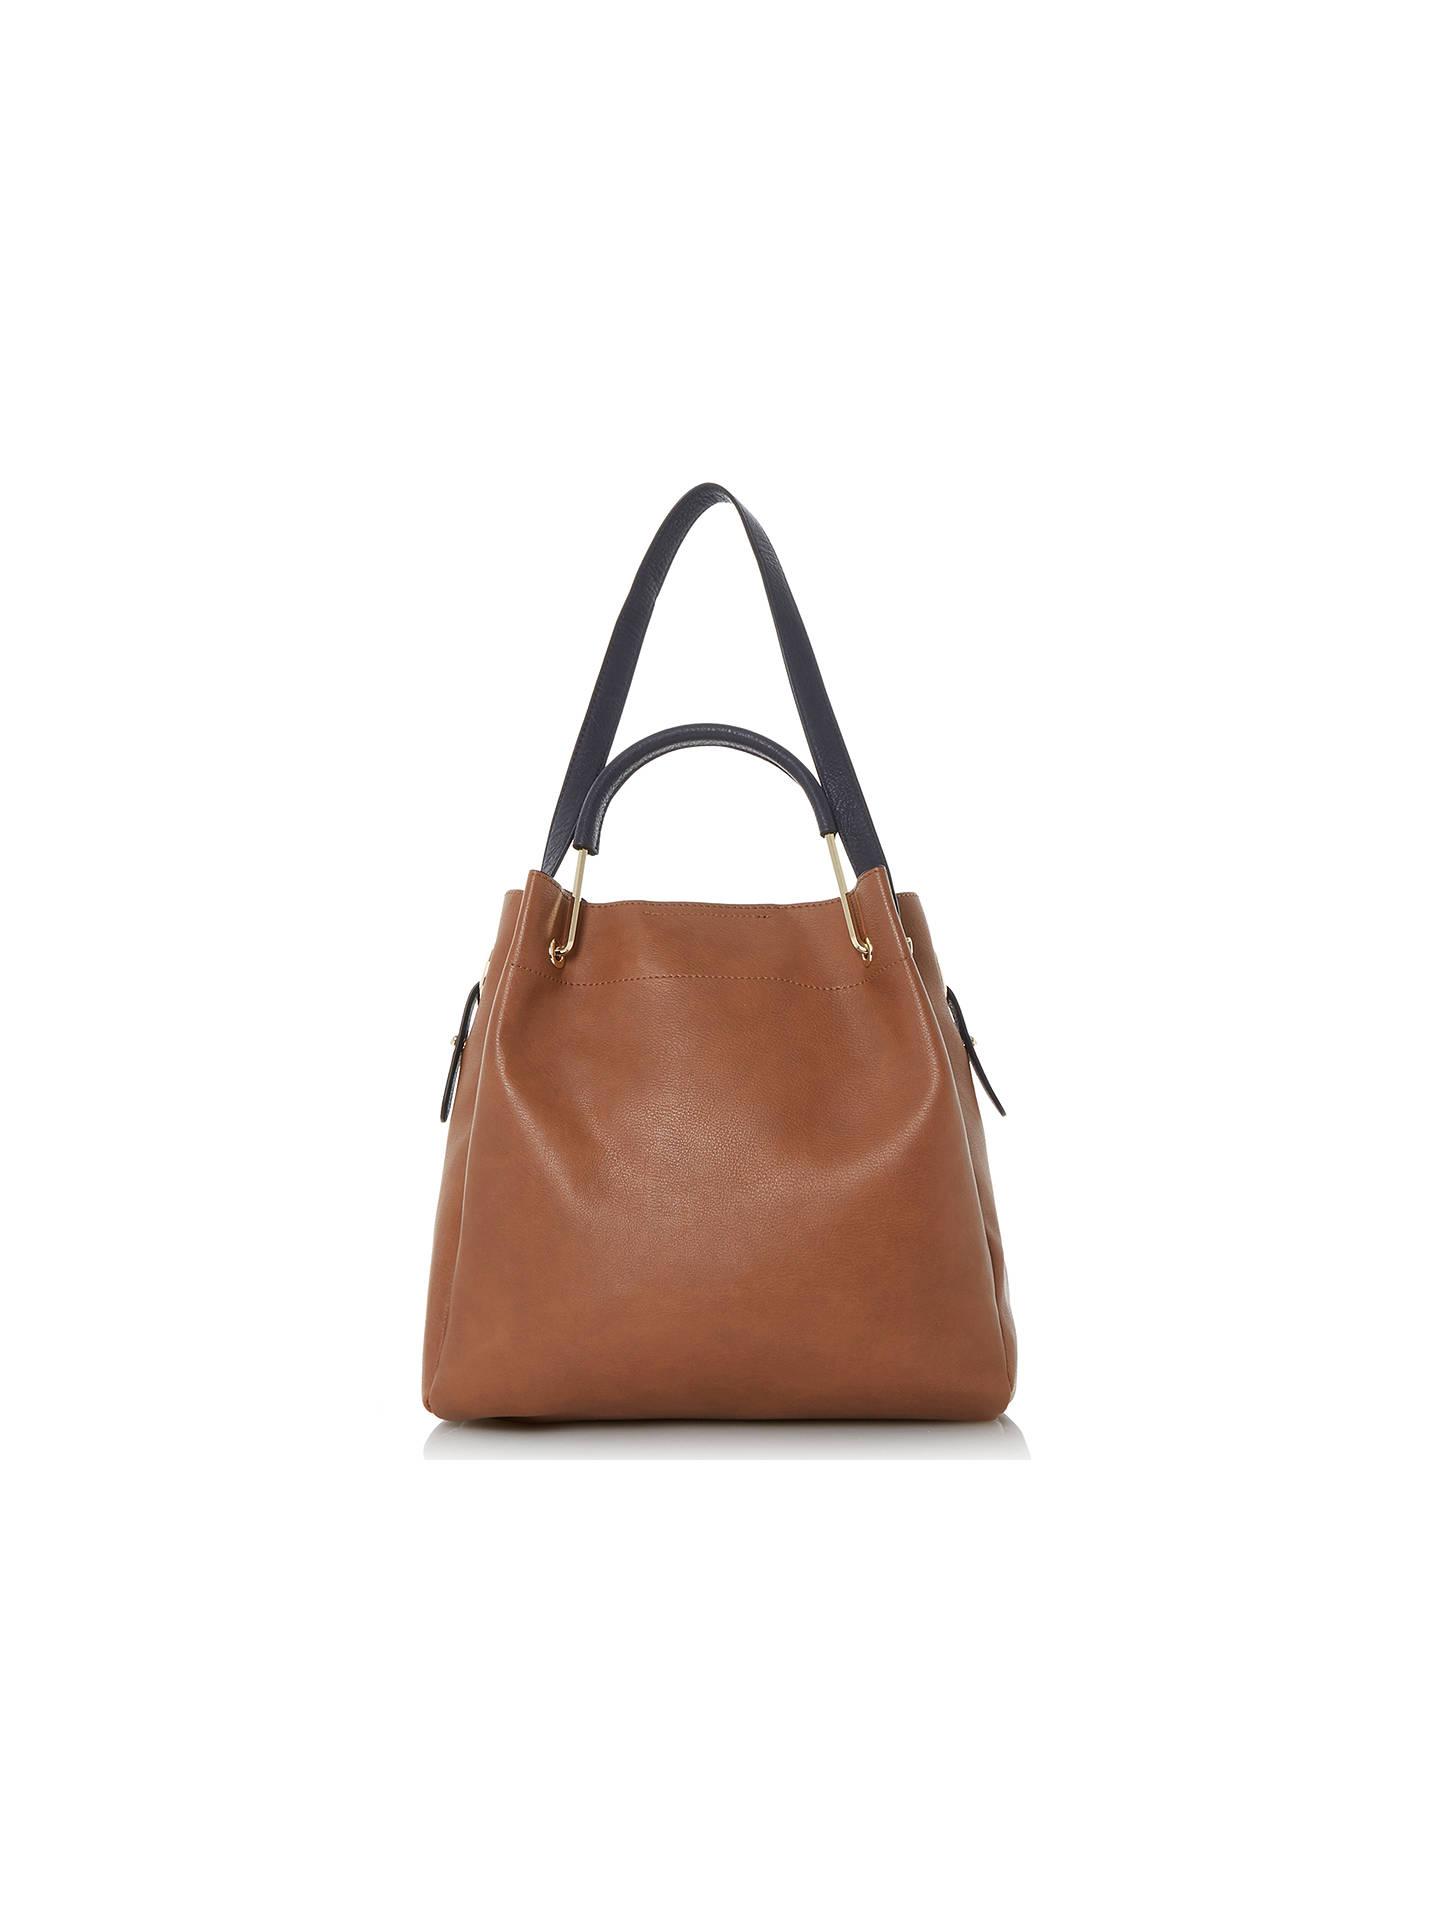 ... BuyDune Daura Metal Handle Slouch Shoulder Bag, Tan Online at  johnlewis.com ... 56c2d8d517